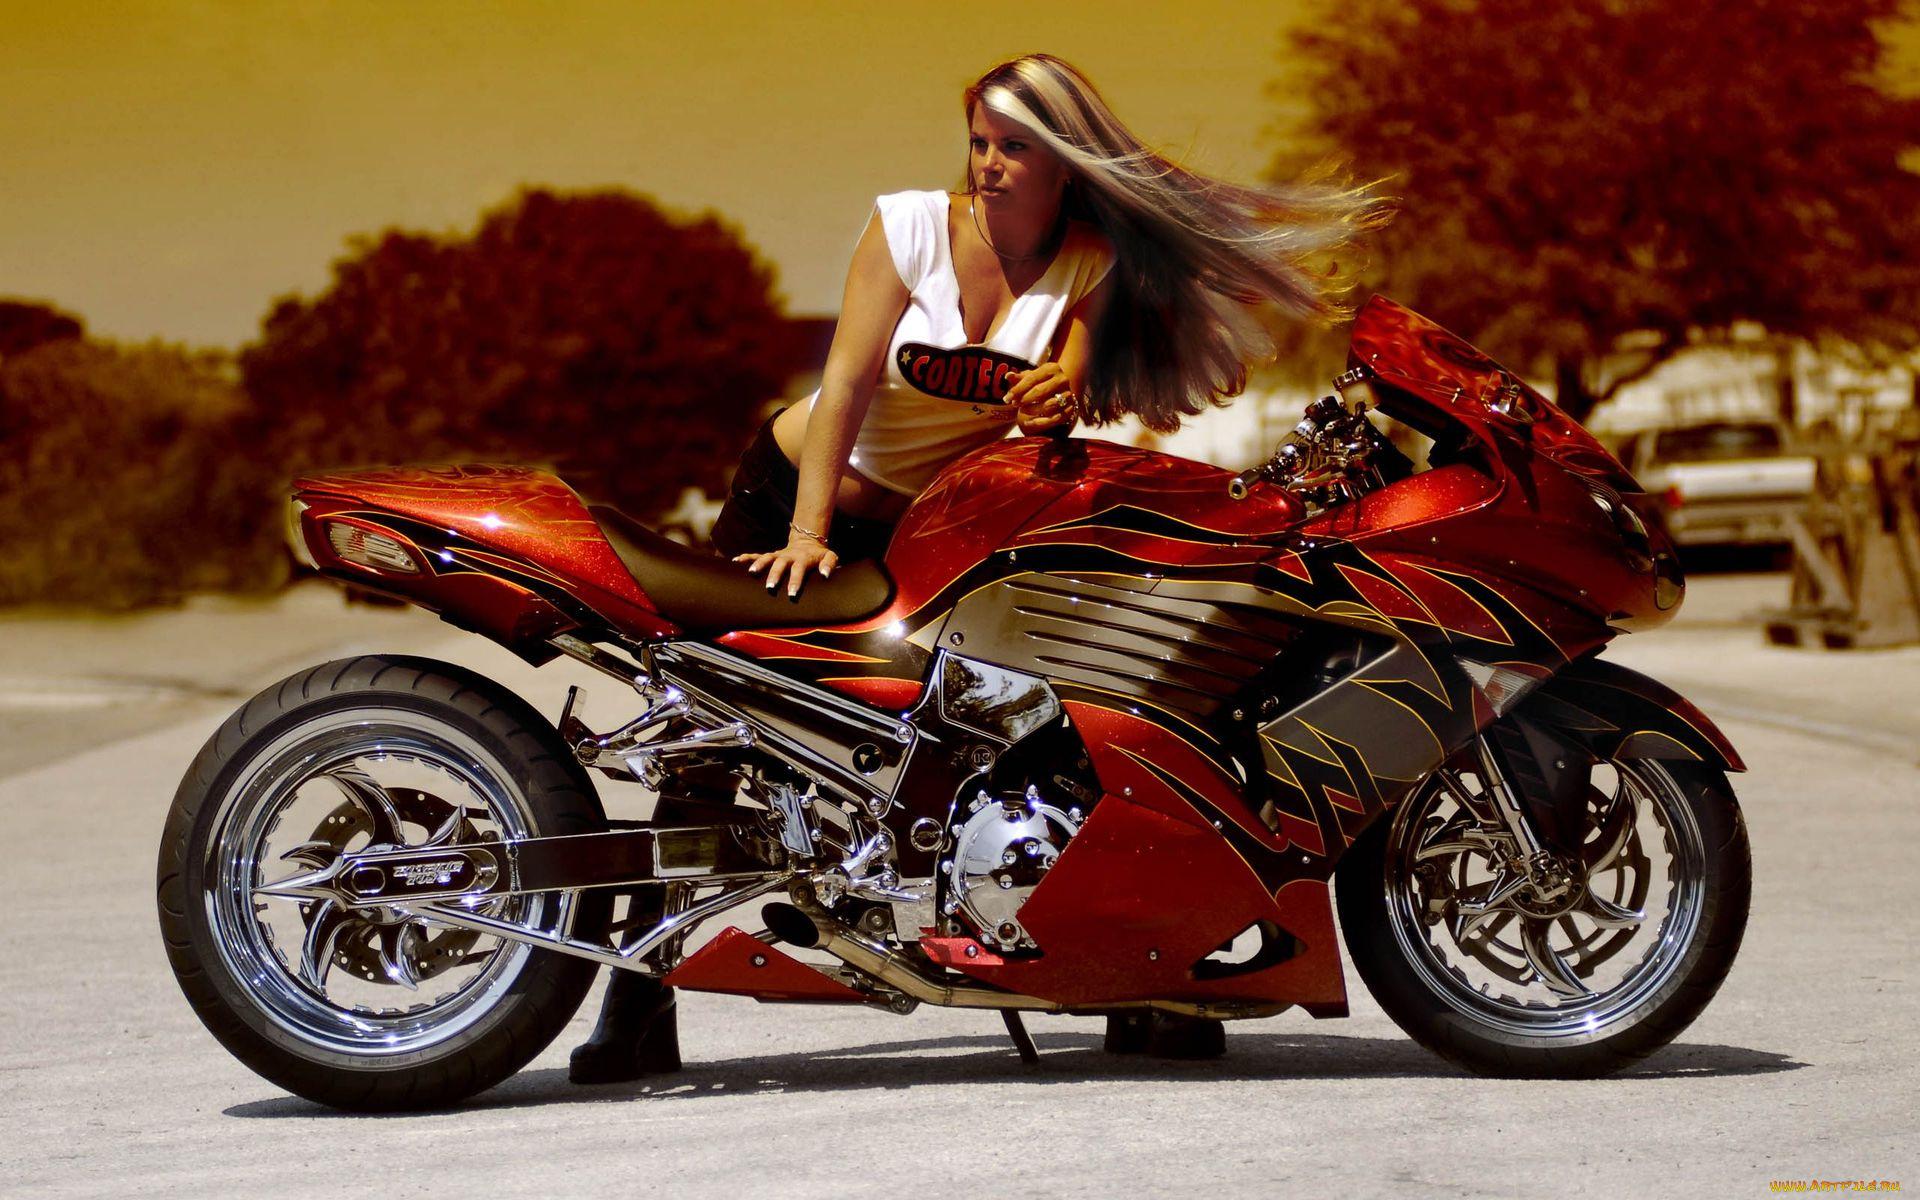 Поздравления картинках, открытки с девушками и мотоциклами